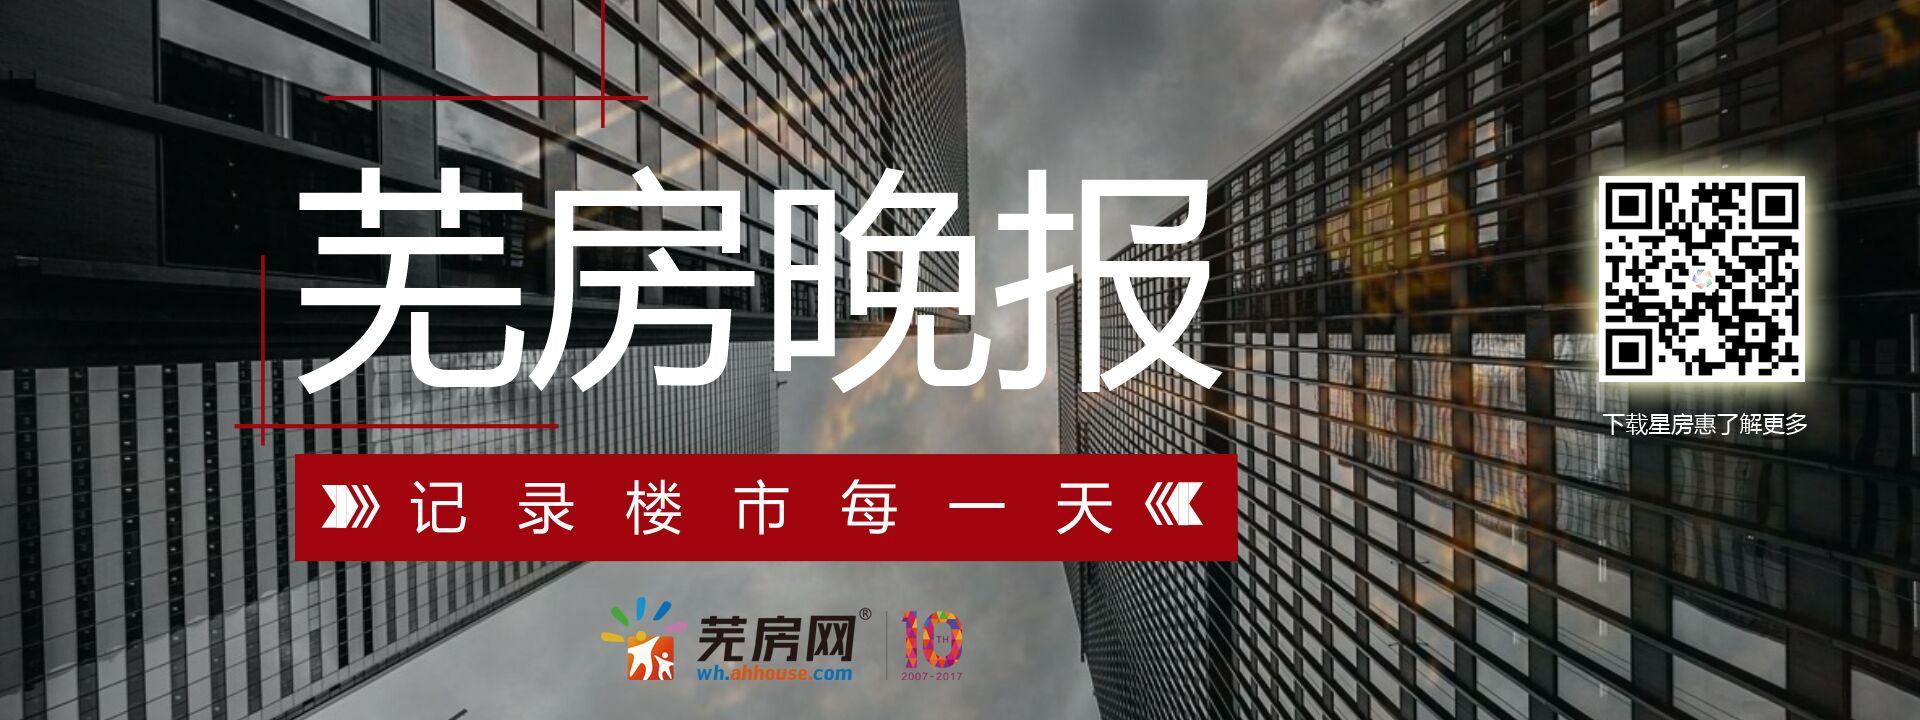 2.7芜房晚报:贷款额度紧缺 芜湖各行最新房贷政策曝光